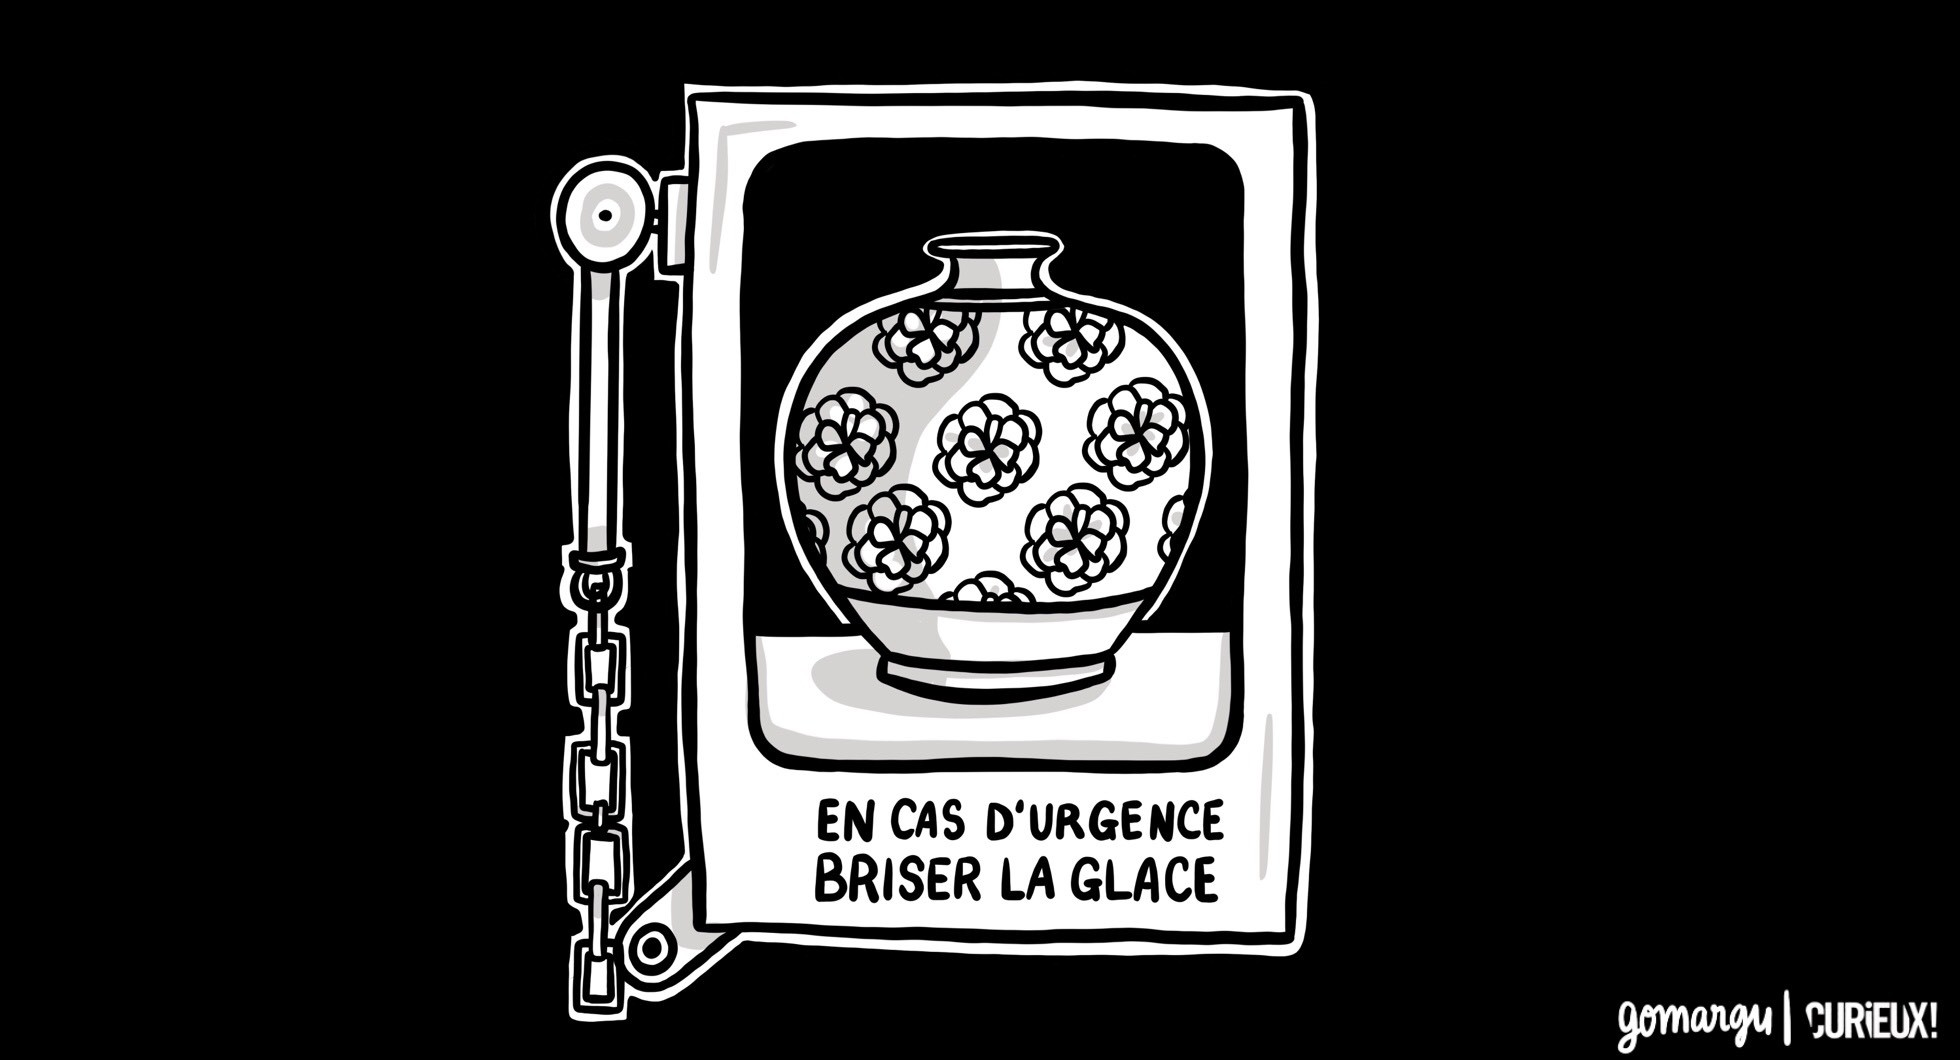 De la luxueuse porcelaine de Limoges dans les gilets pare-balles et les blindages !